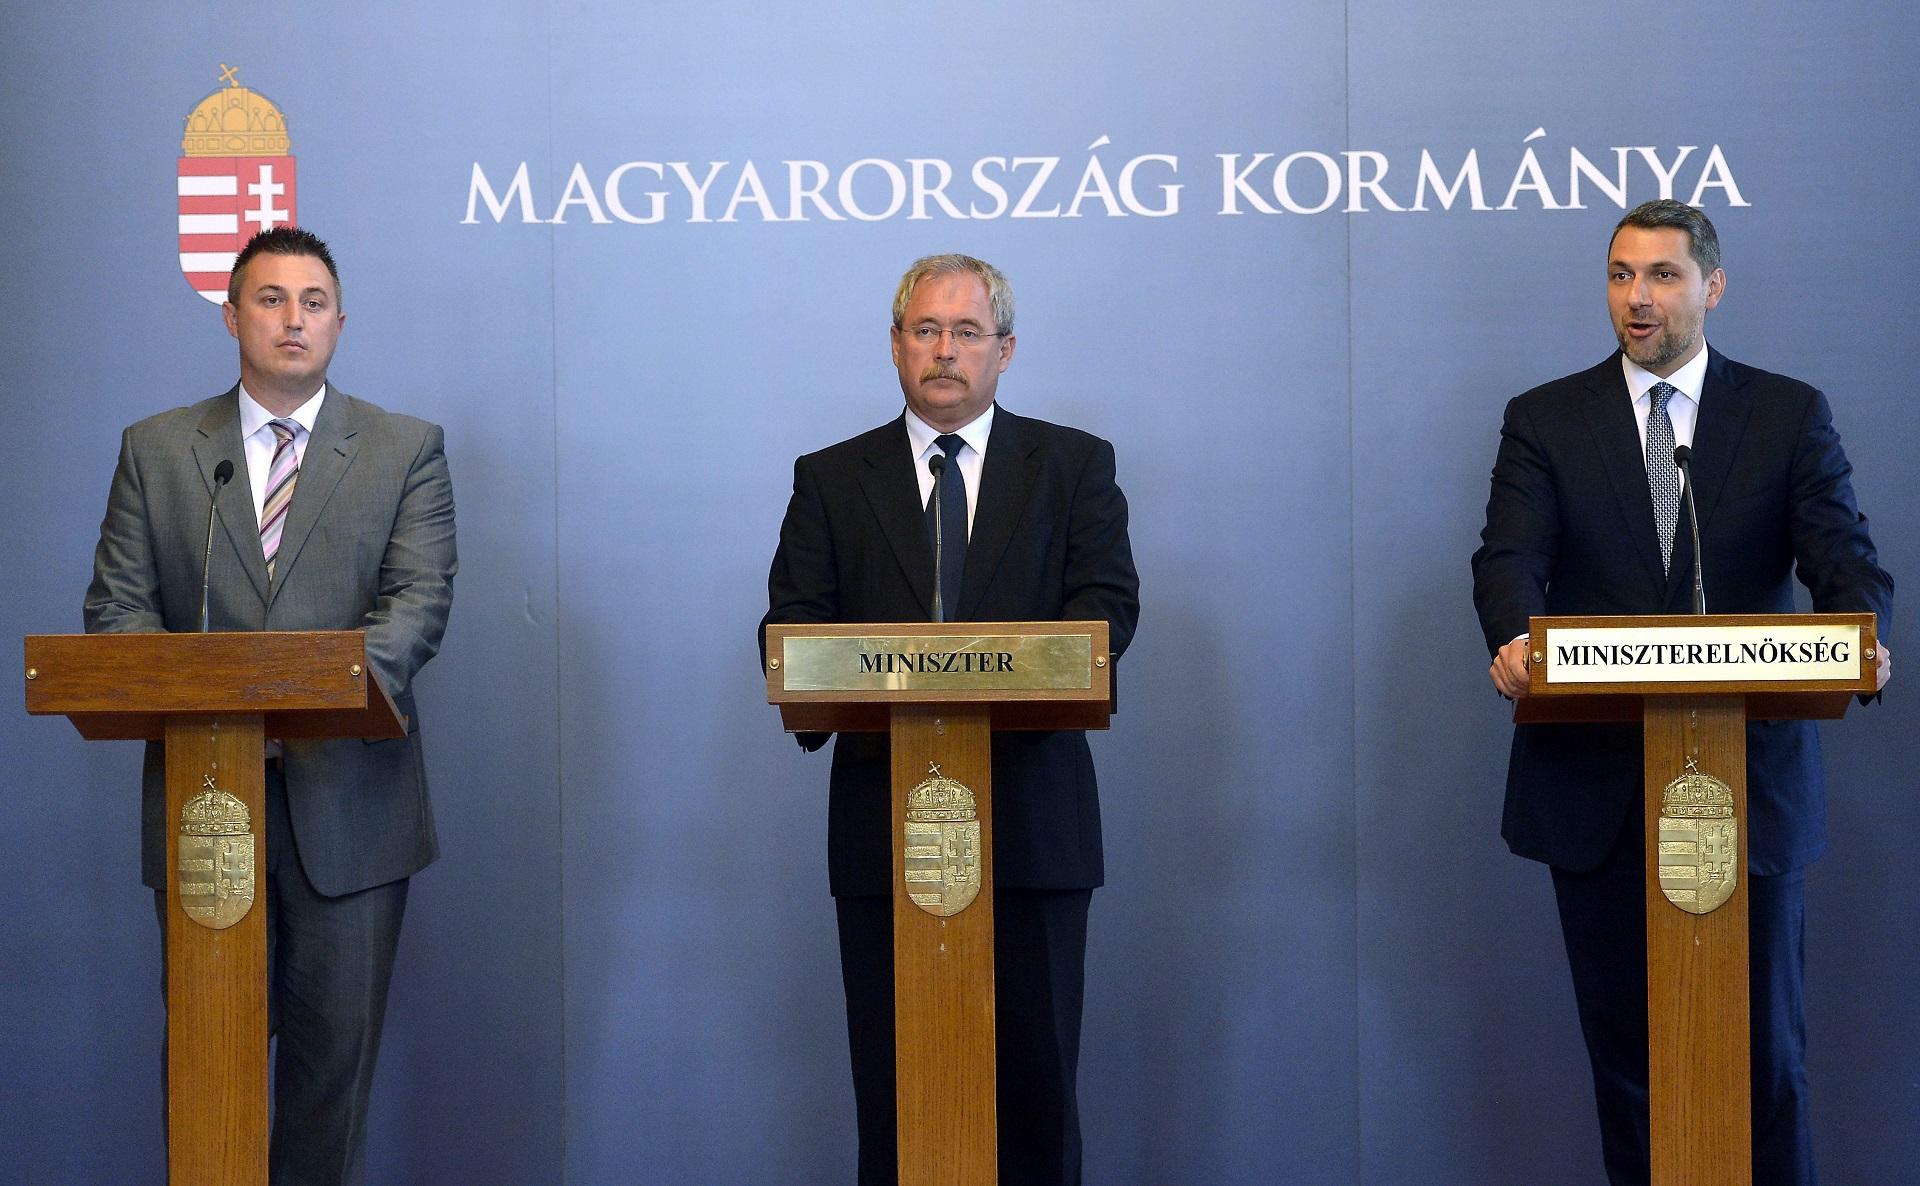 Győrffy: A Mezőgazdasági Hivatal megérett az átalakításra